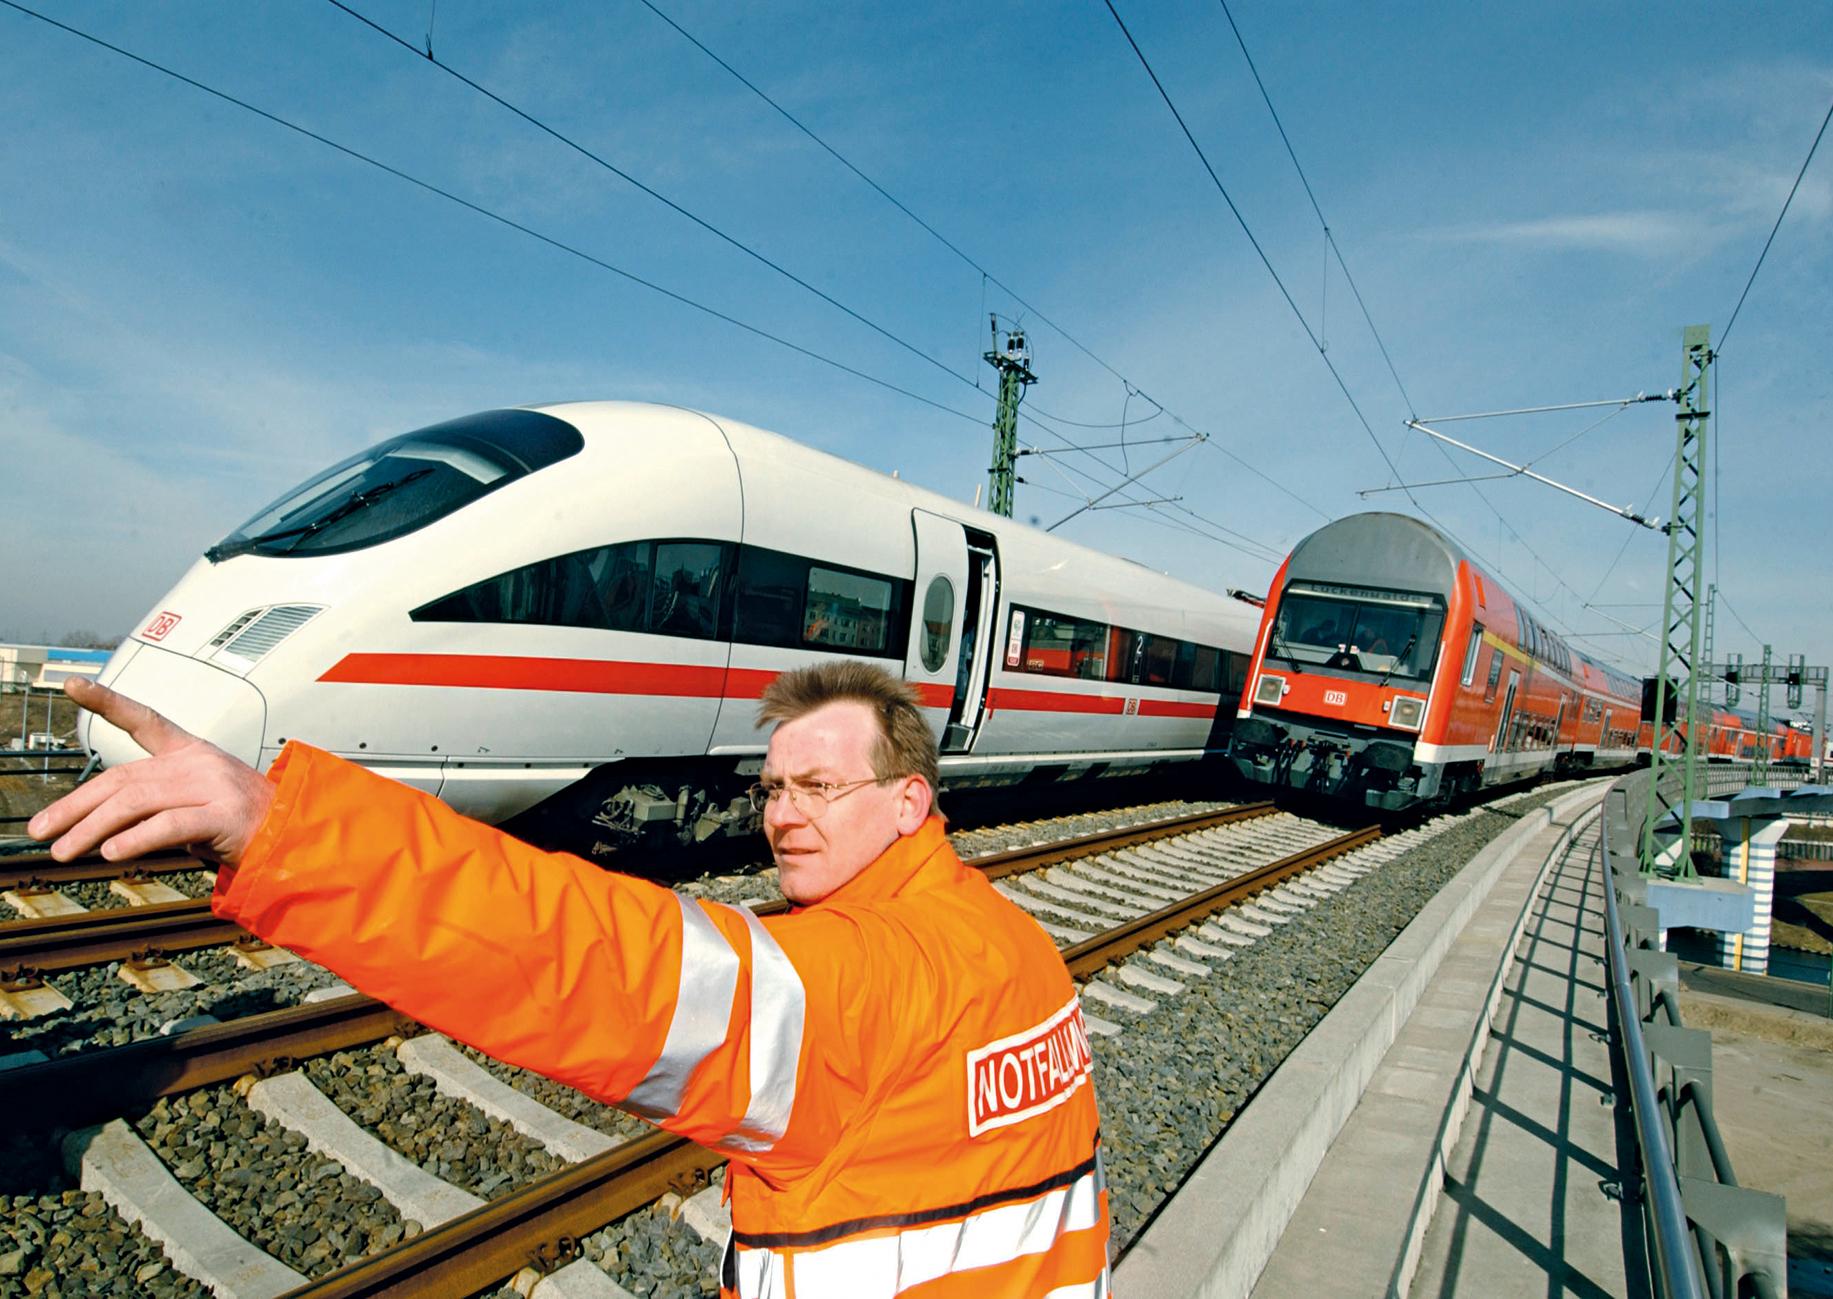 Notfallmanager mit Warnweste im Einsatz an Bahngleisen